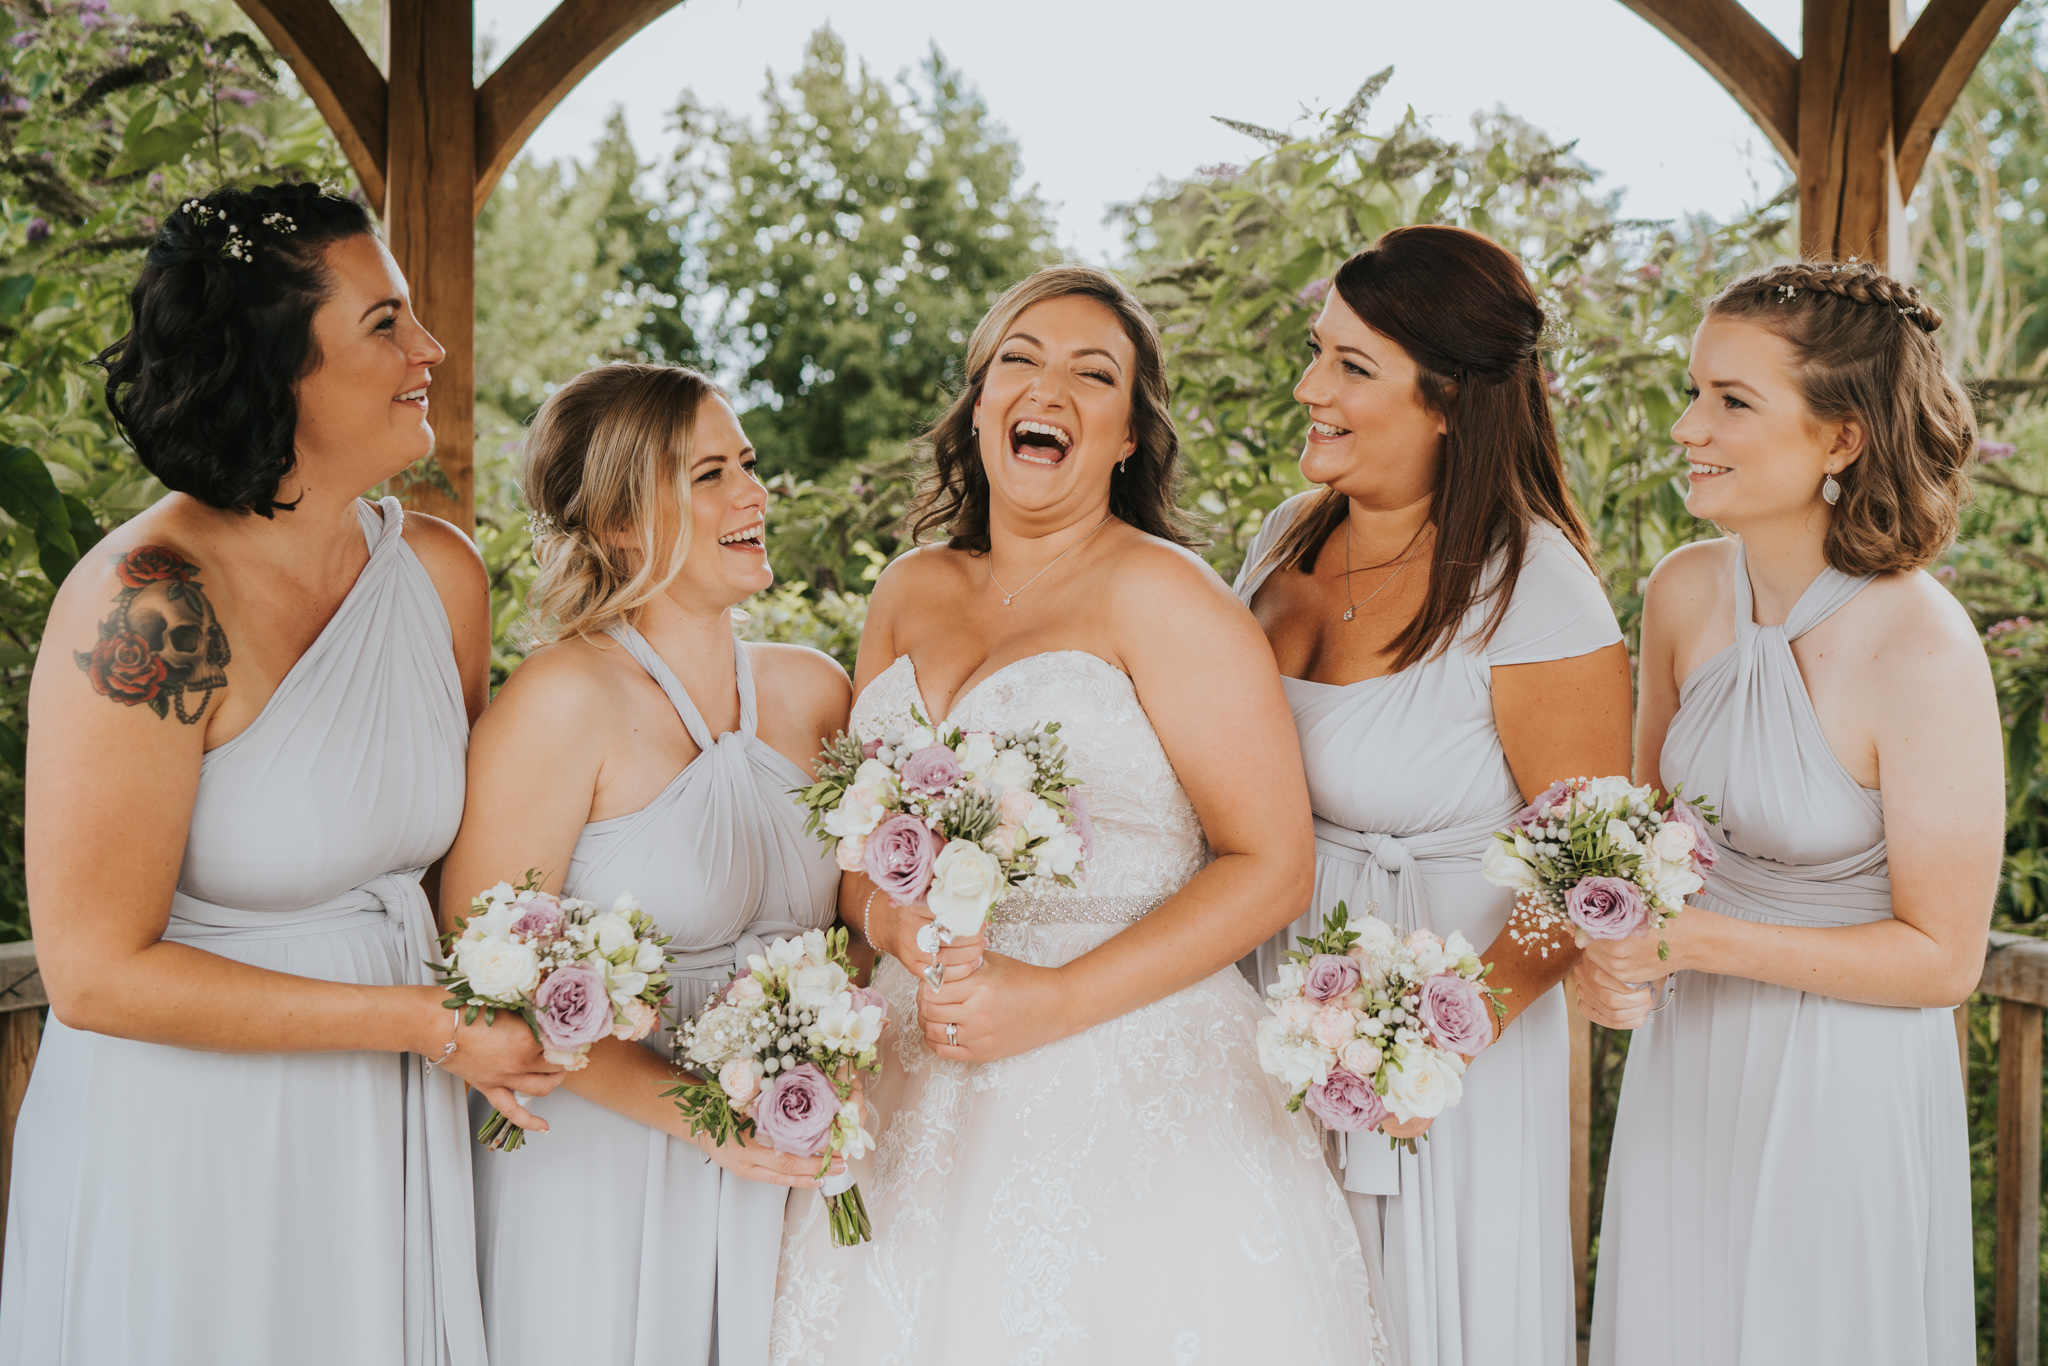 grace-elizabeth-essex-wedding-photographer-best-2018-highlights-norfolk-essex-devon-suffolk (54 of 100).jpg